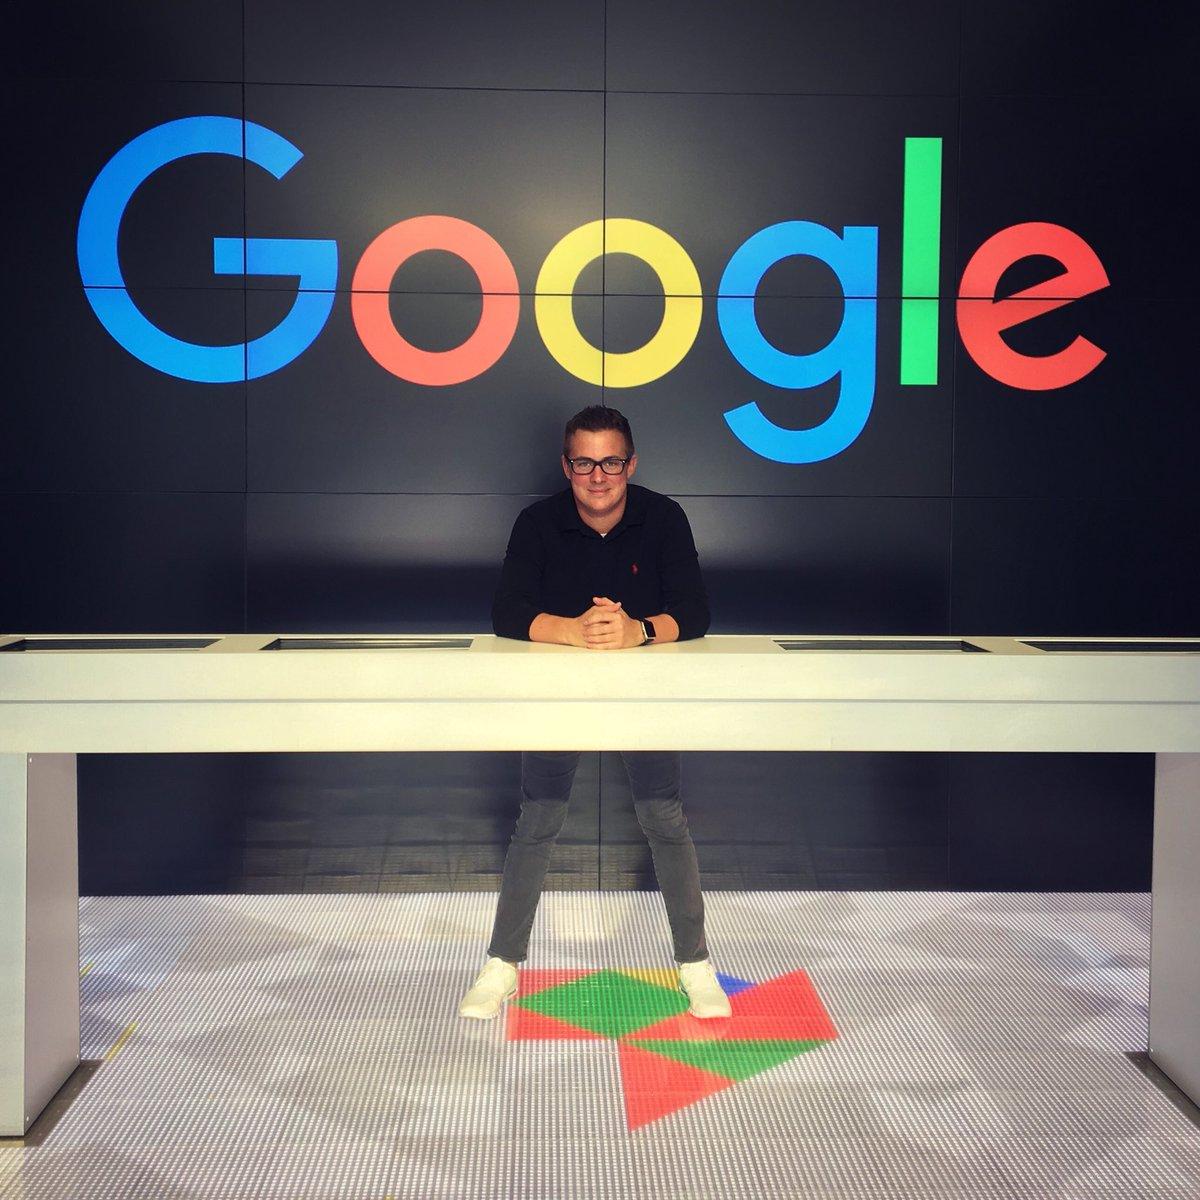 Работа в гугл вакансии удаленно чит на деньги в freelancer